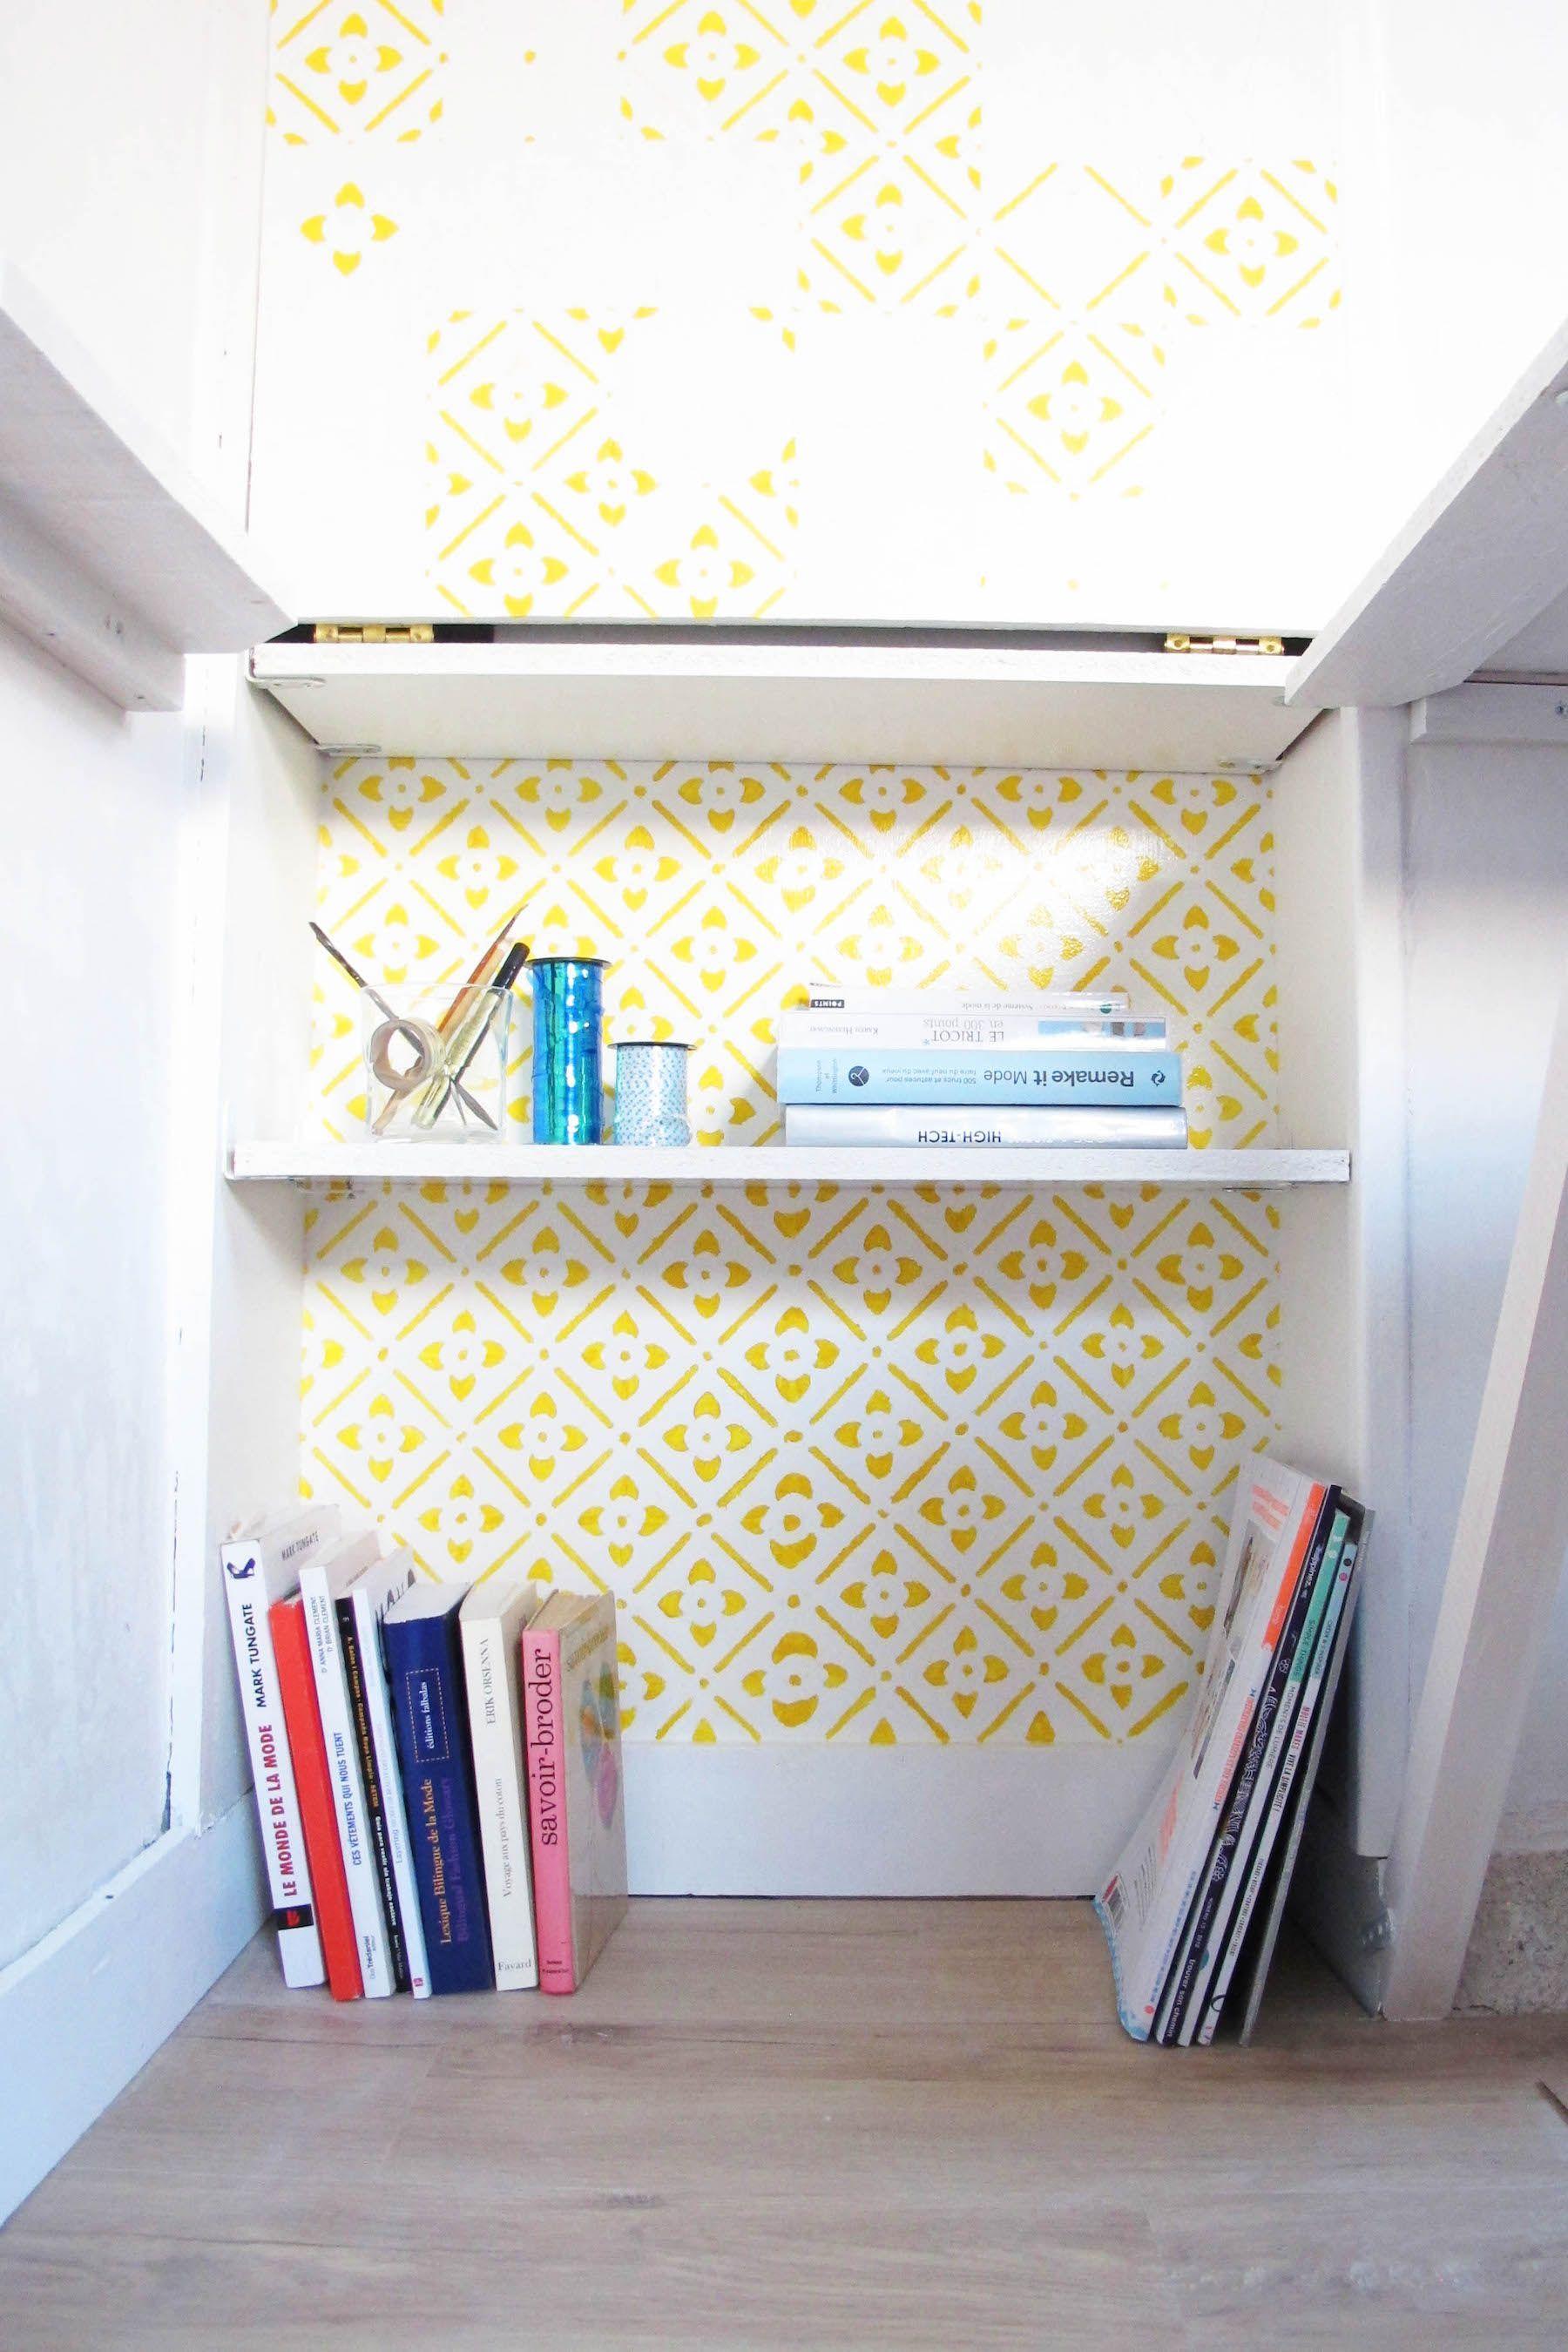 diy-peindre-au-pochoir-jaune-azulejos-bibliotheque-makeover-fait-maison-myhappywardrobe-12